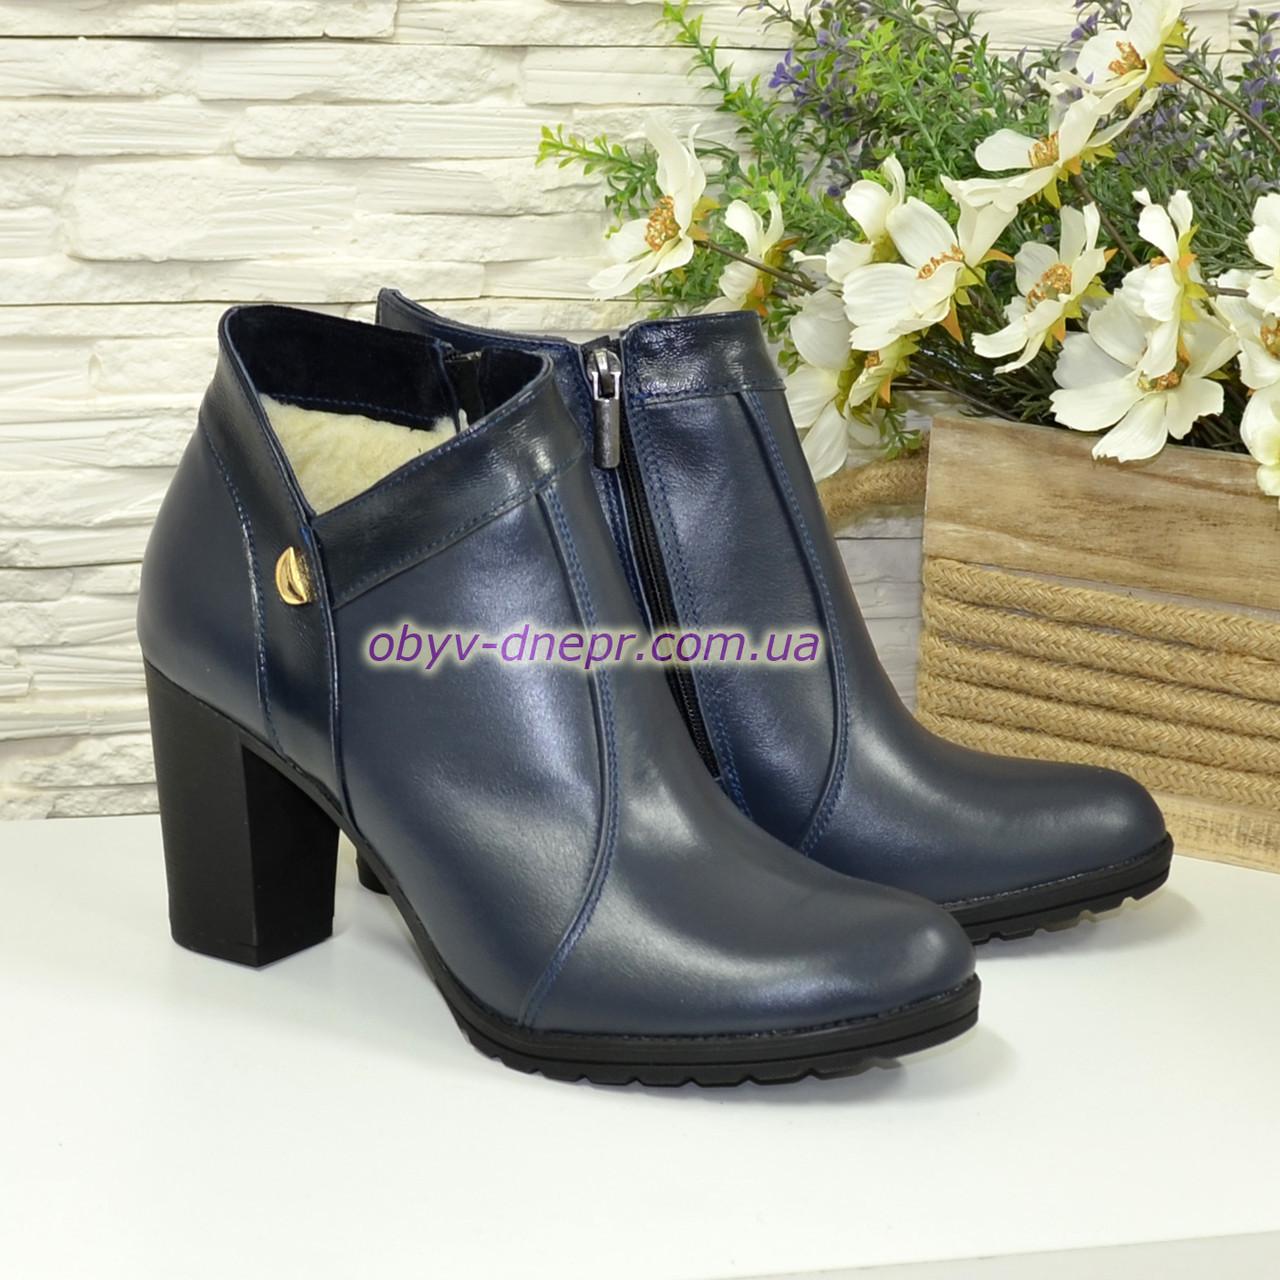 Женские демисезонные ботинки из натуральной кожи синего цвета на устойчивом каблуке